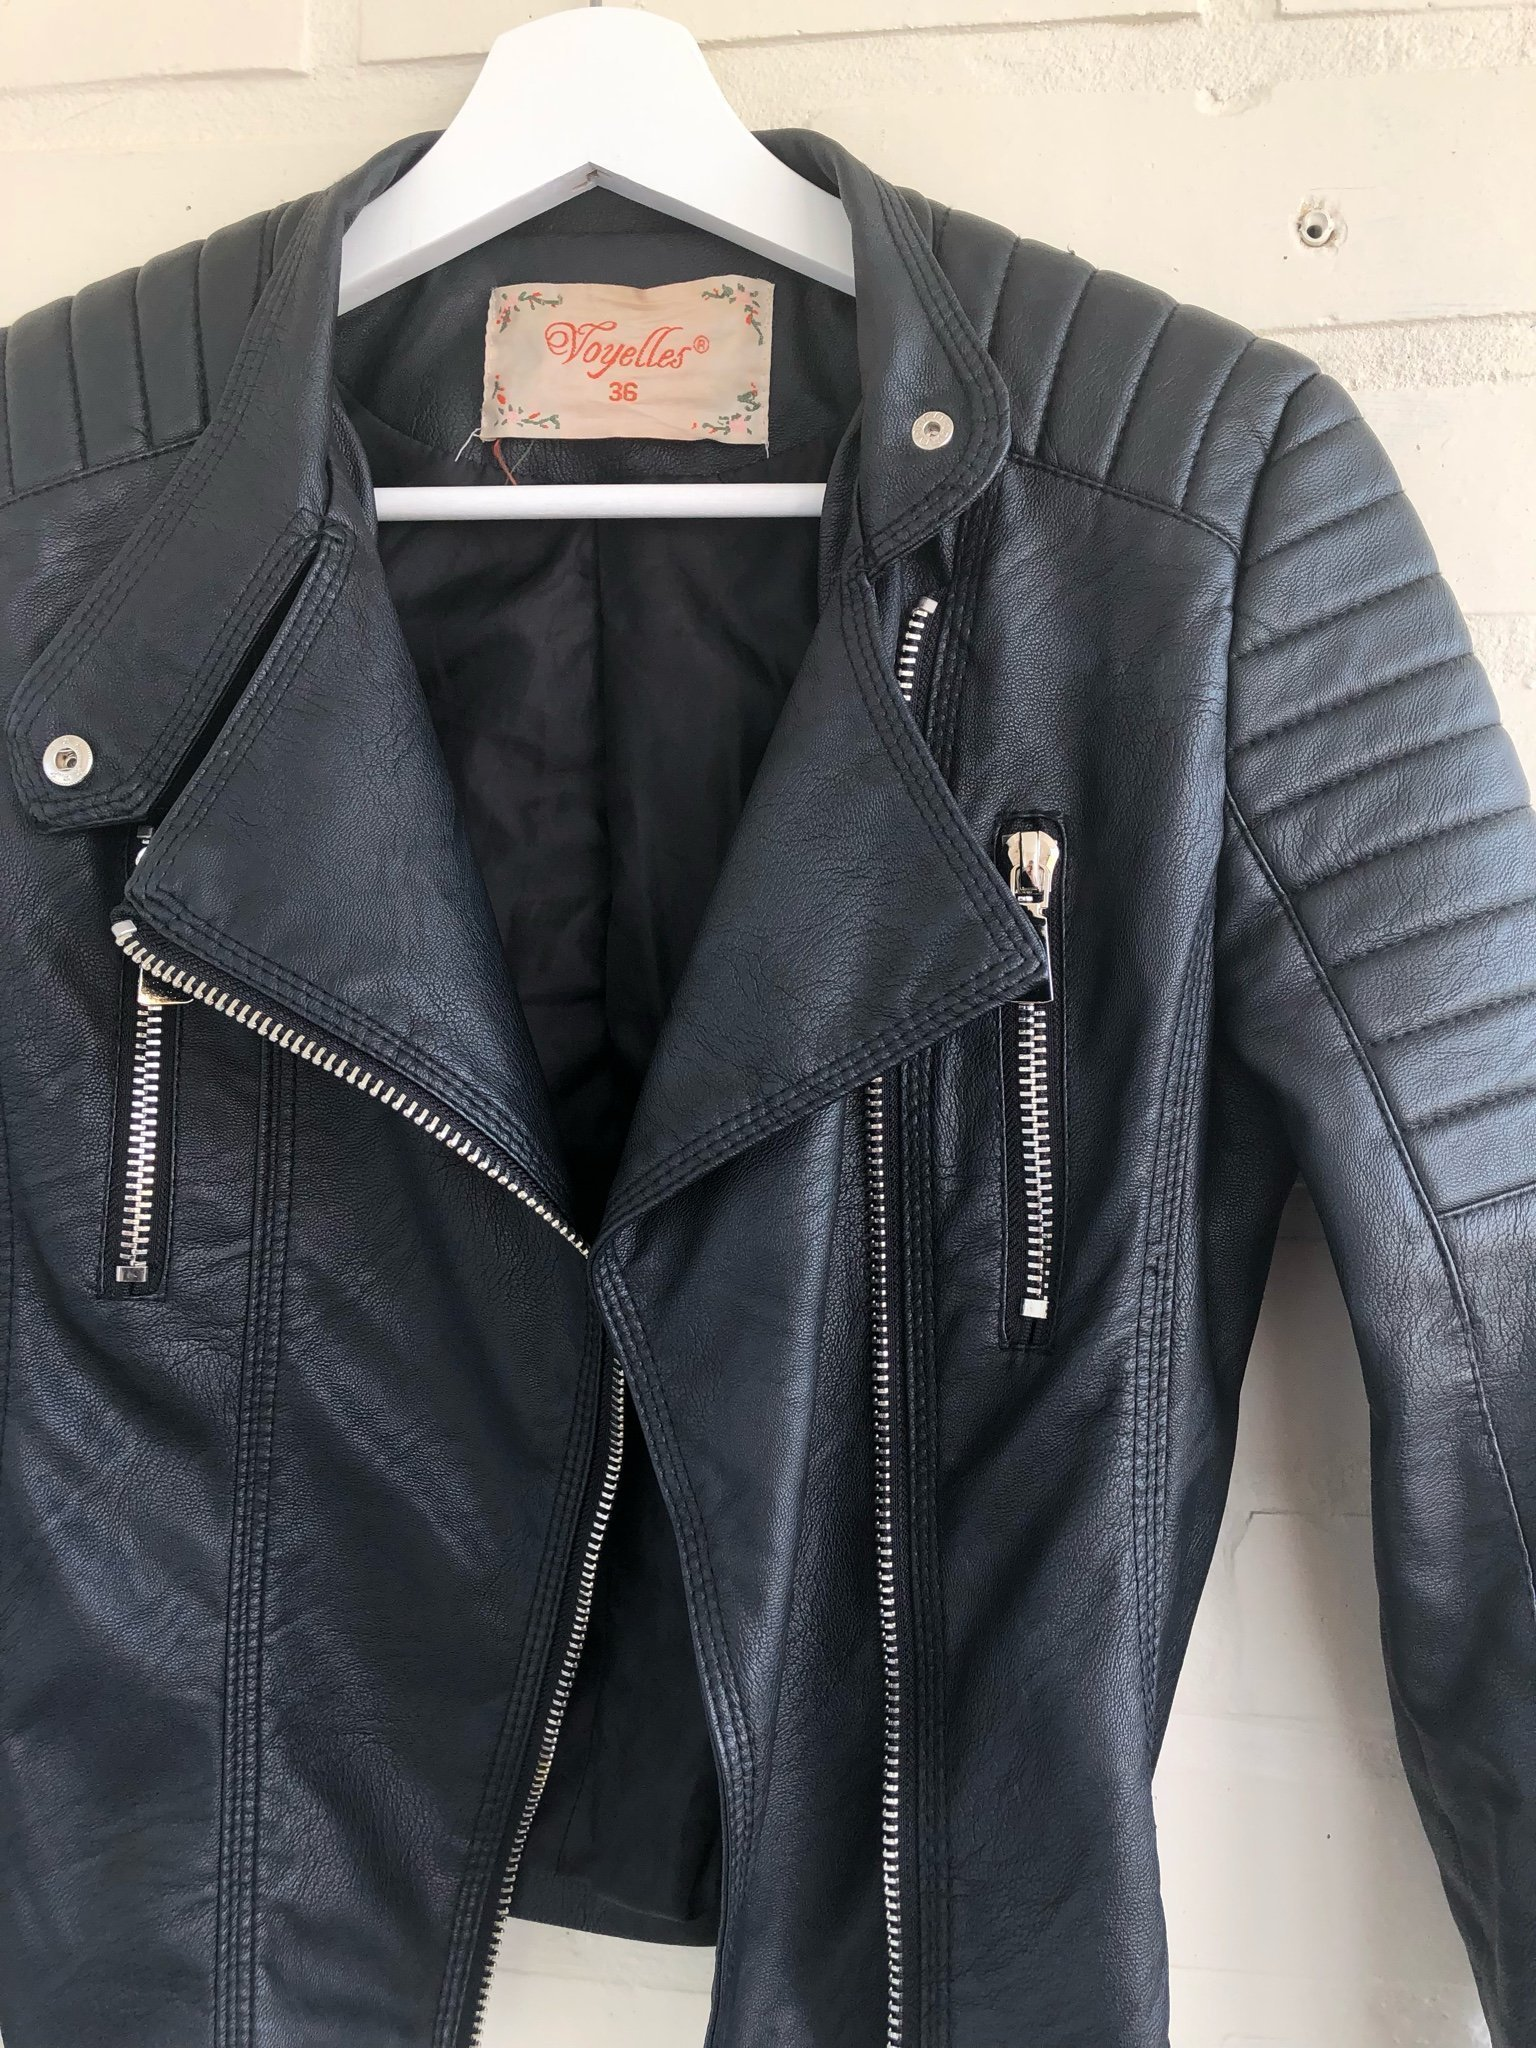 Moto jacket Chiquelle (364098844) ᐈ Köp på Tradera